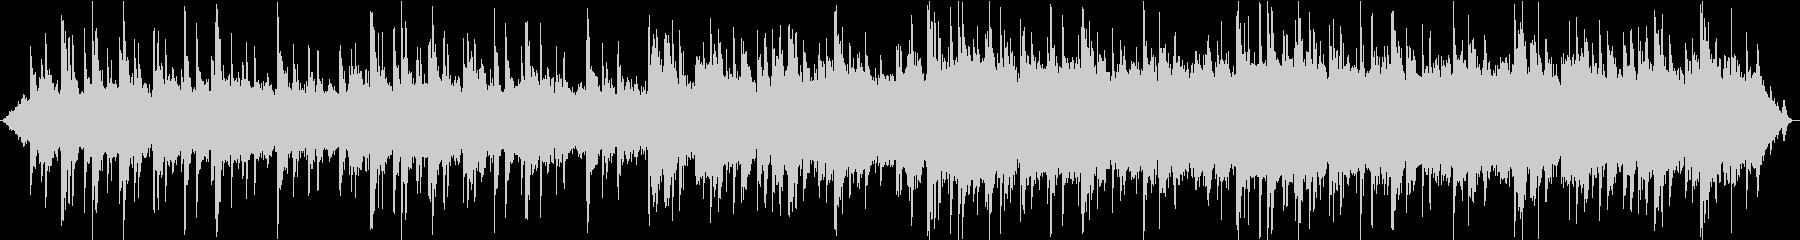 森とピアノが印象的なヒーリング音楽の未再生の波形